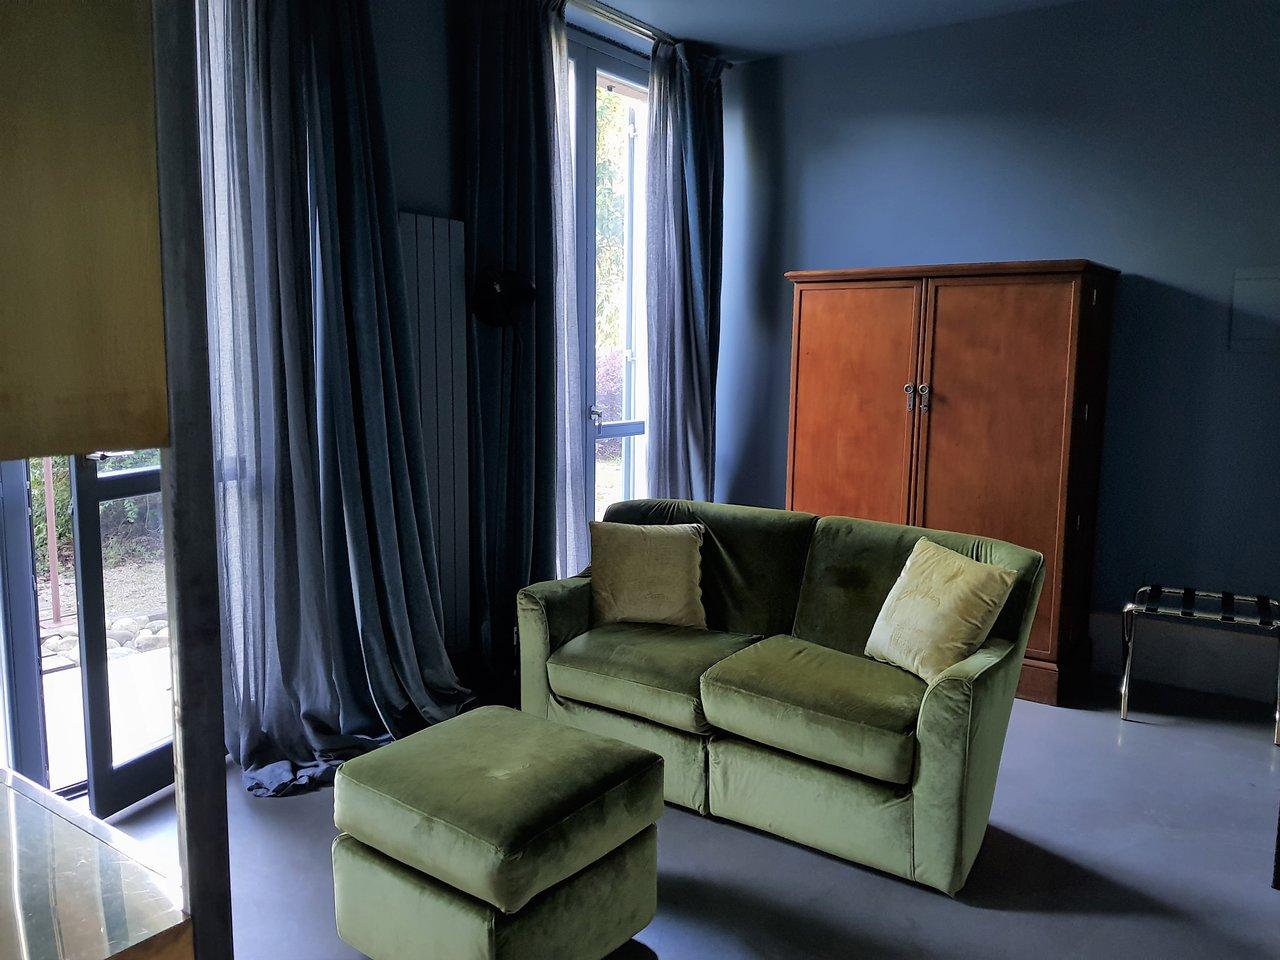 Hotel Borgo Nuovo : Hotel borgo nuovo milano prezzi e recensioni